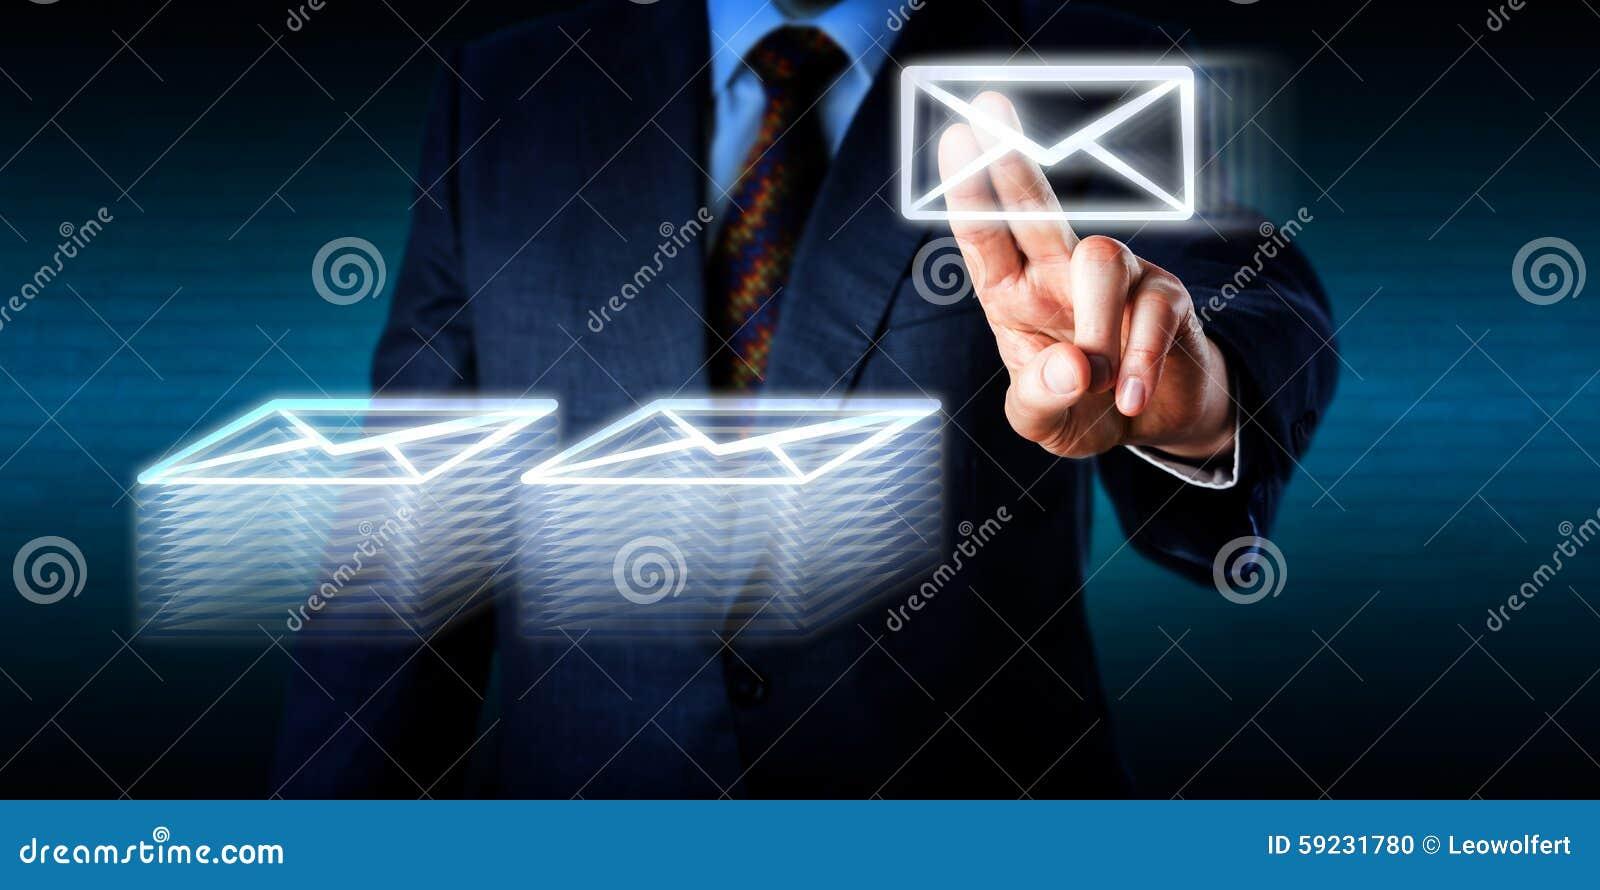 Fazendo fora do tempo estipulado o empilhamento de muitos email no Cyberspace